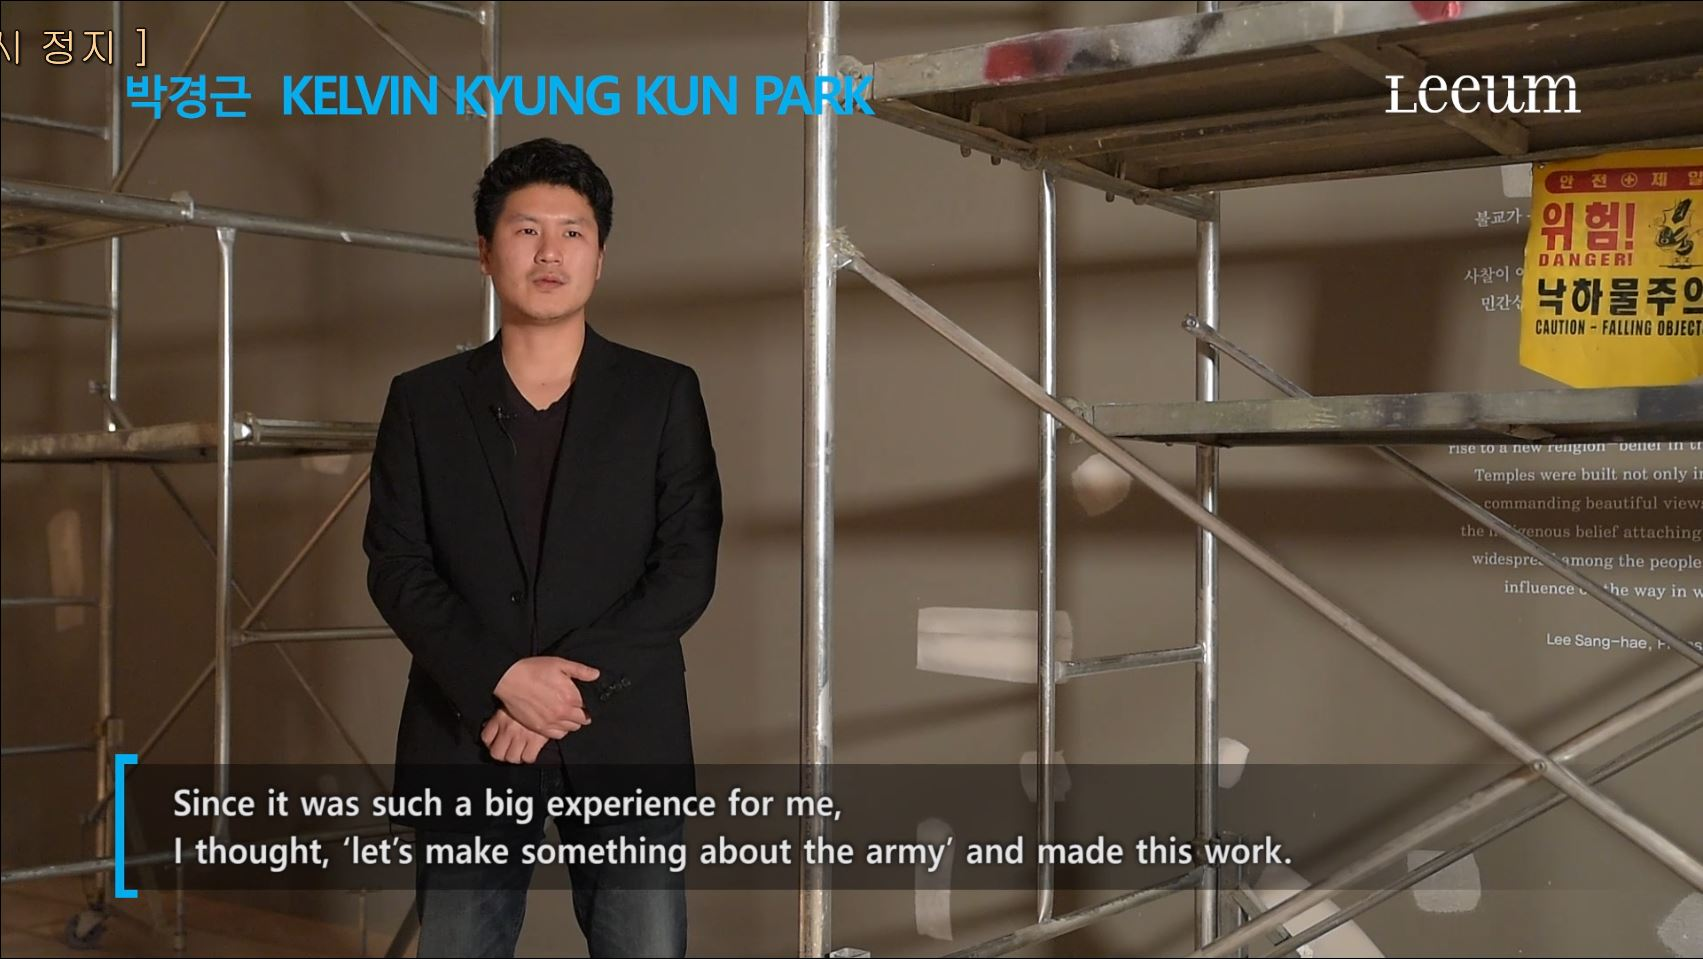 박경근 - 작가 인터뷰